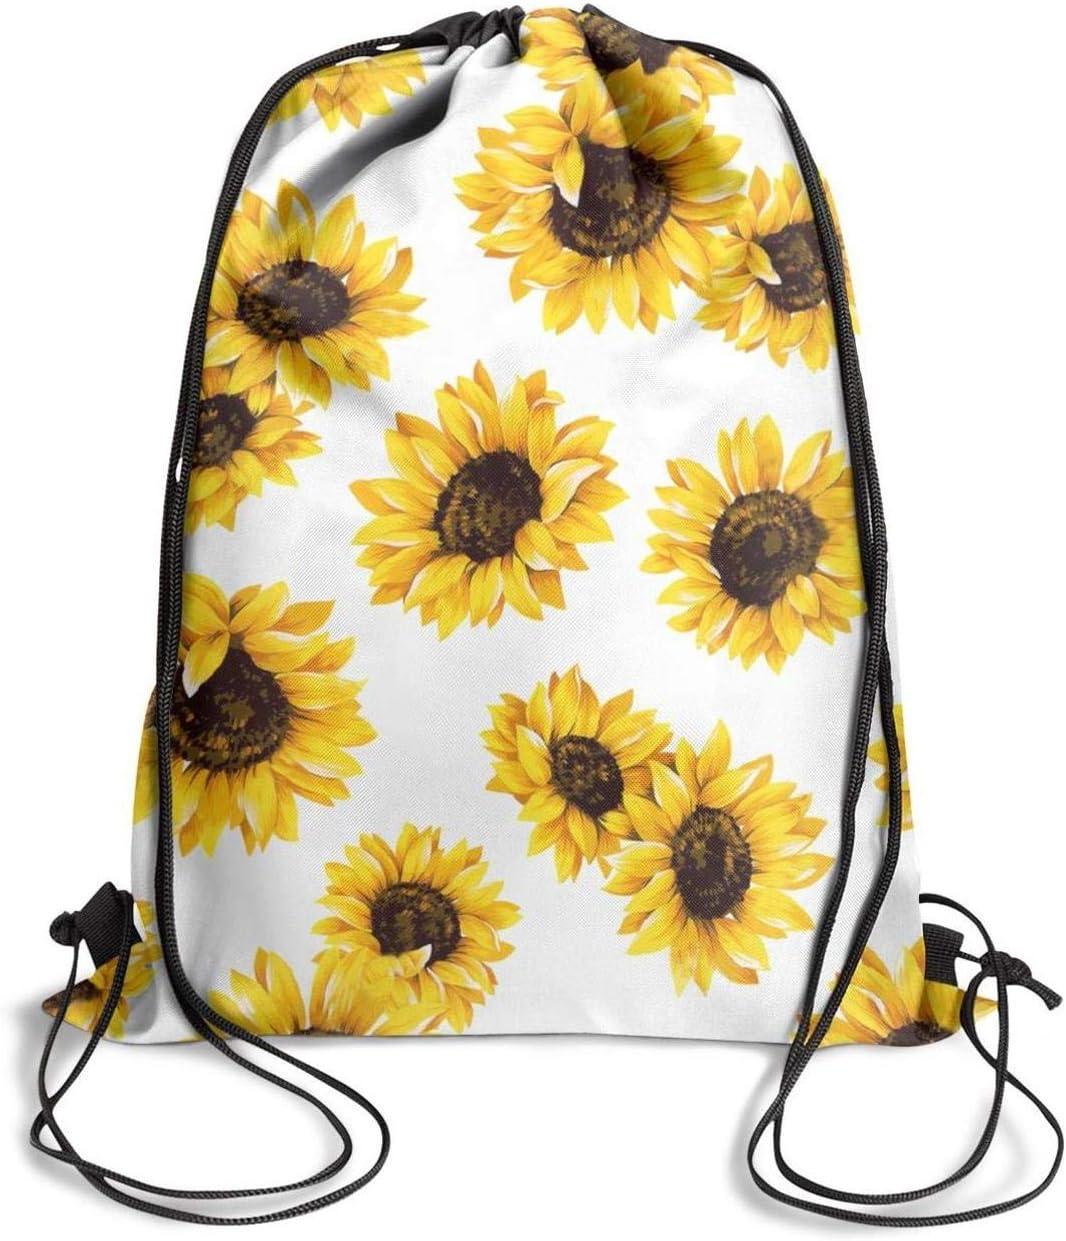 GymSack Drawstring Bag Sackpack Flower Sport Cinch Pack Simple Bundle Pocke Backpack For Men Women